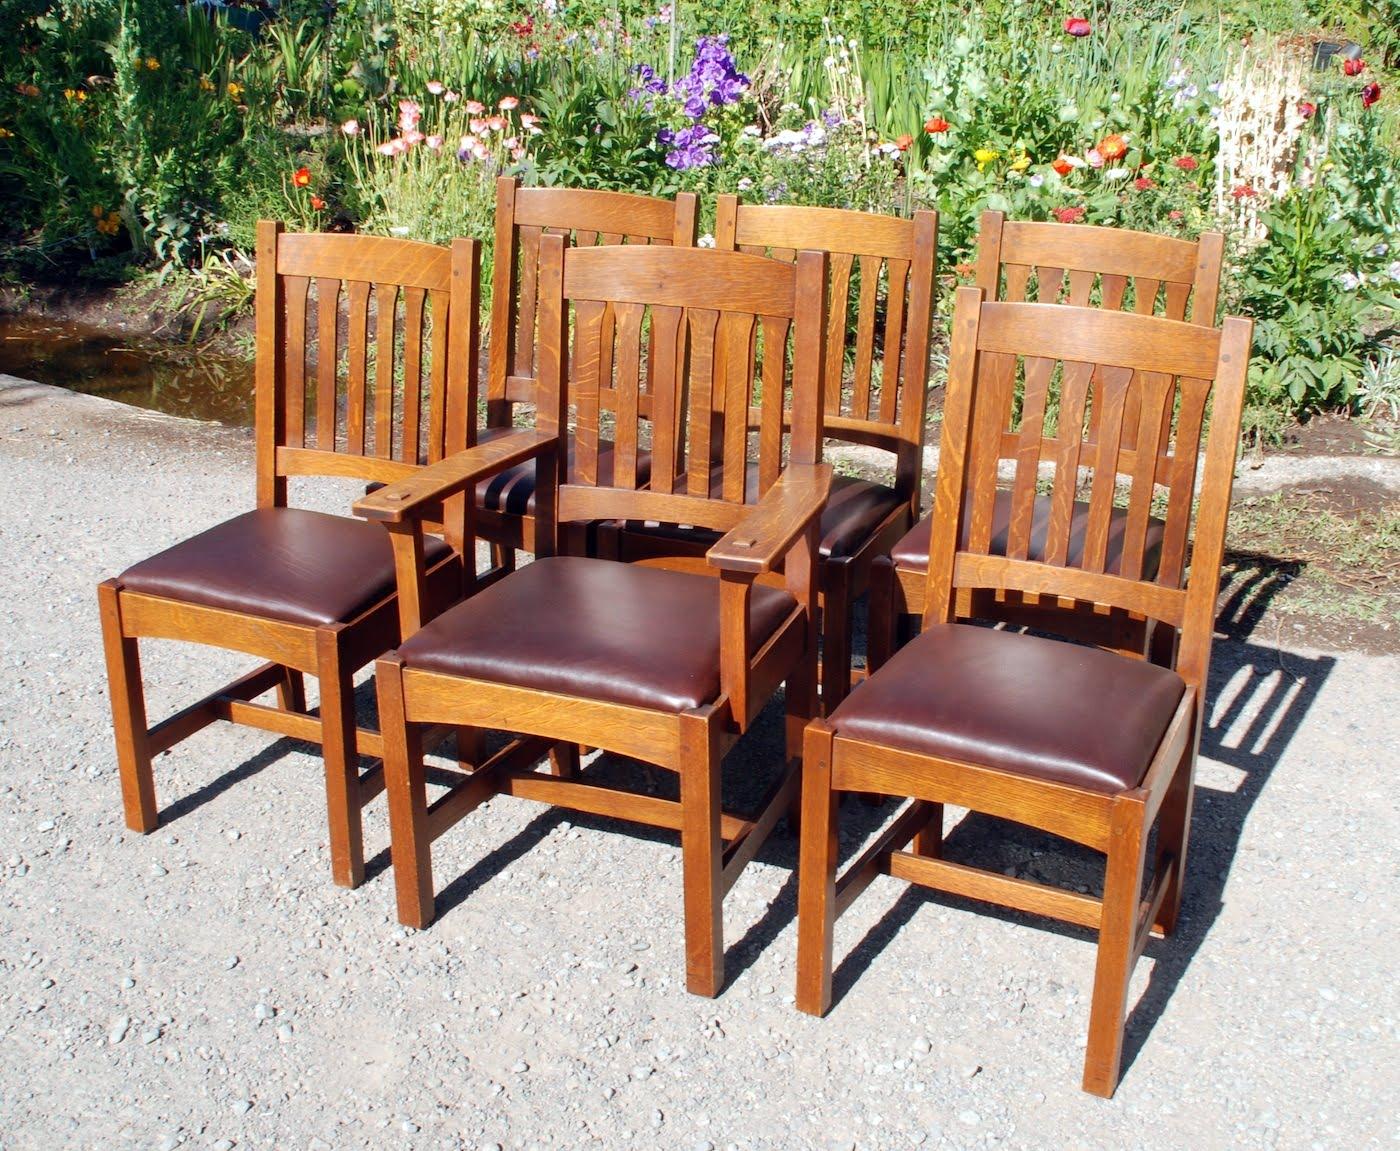 Set of 6 Original L. & J. G. Stickley Dining Chairs in excellent original  finish. - Voorhees Craftsman Mission Oak Furniture - Set Of 6 Original L